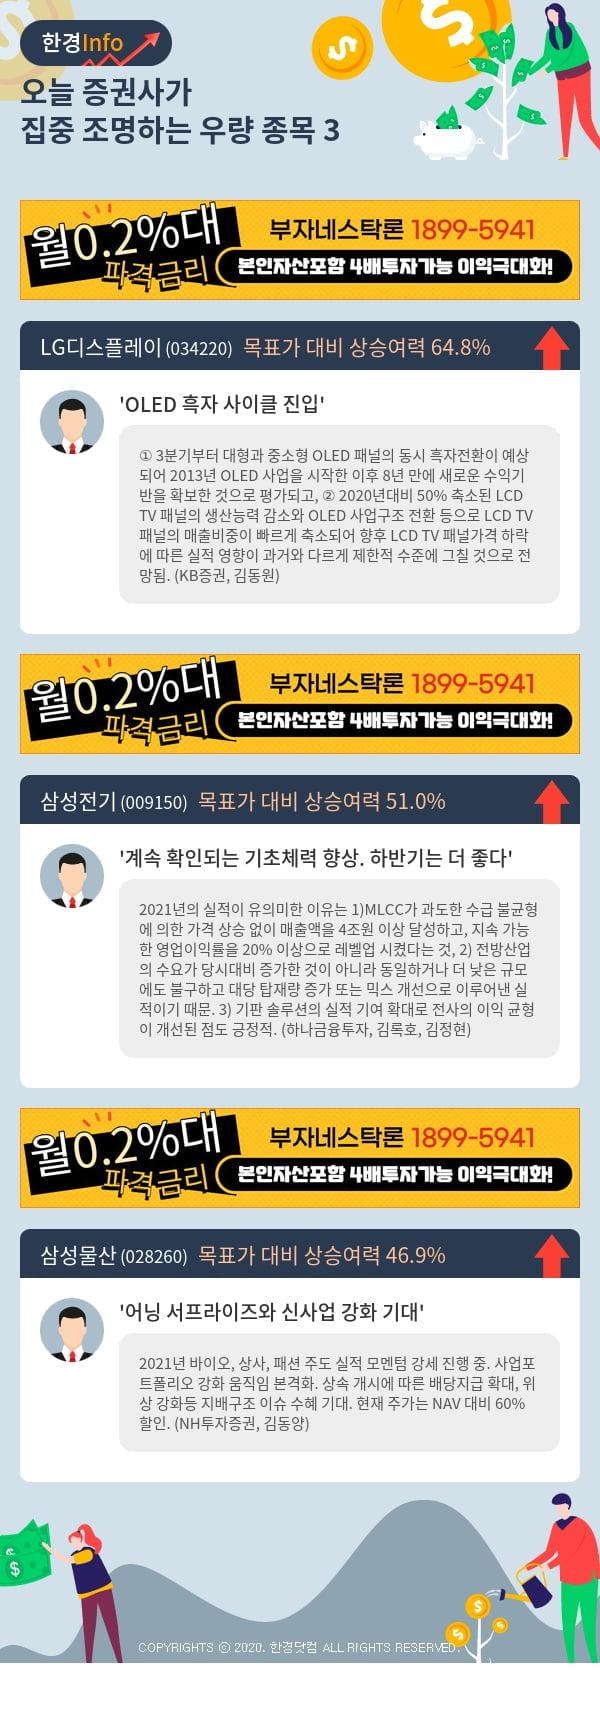 [핫클릭]오늘 증권사가 집중 조명하는 우량 종목 3